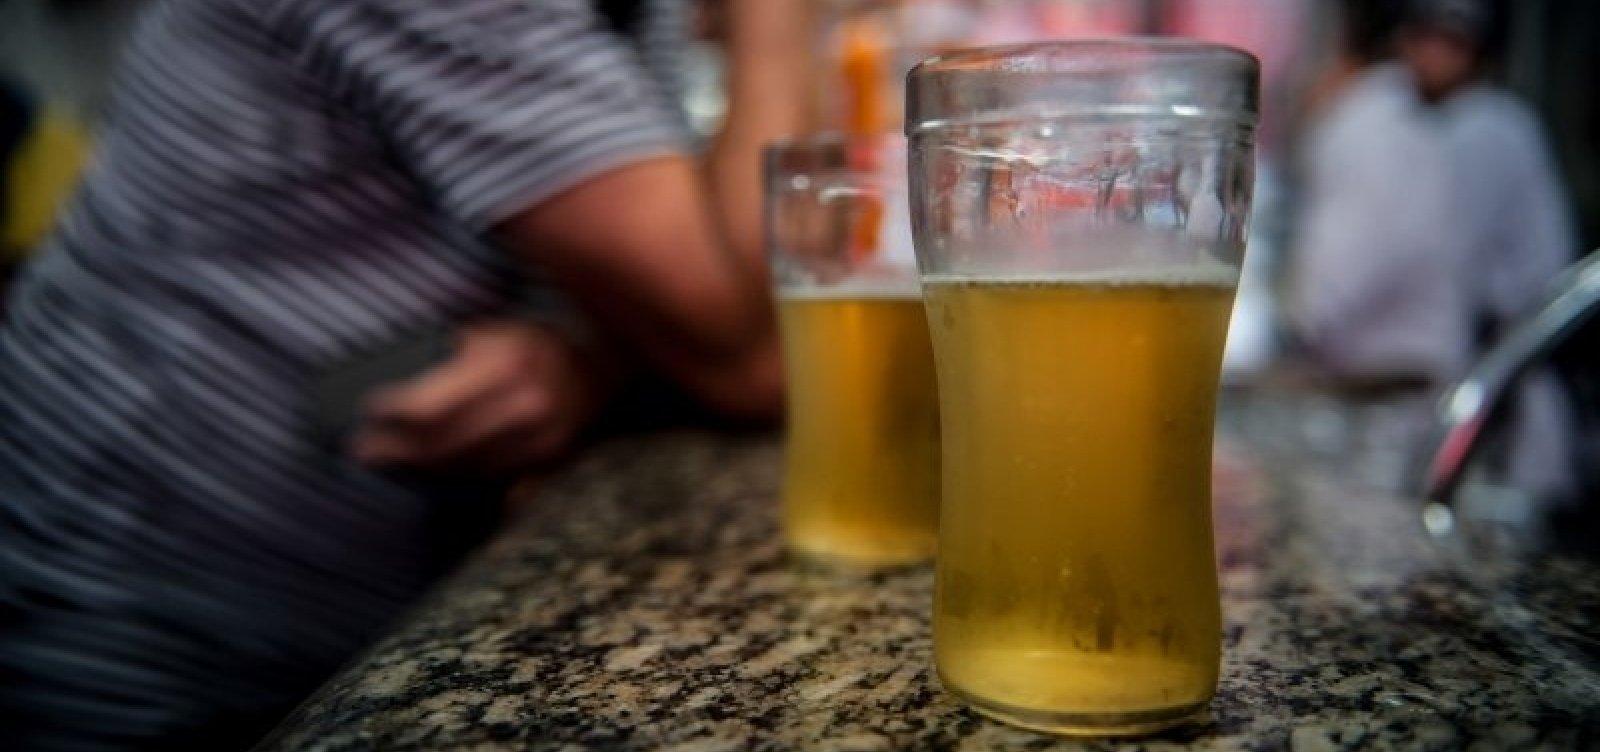 Feriado de 2 de julho não terá venda de bebidas alcoólicas